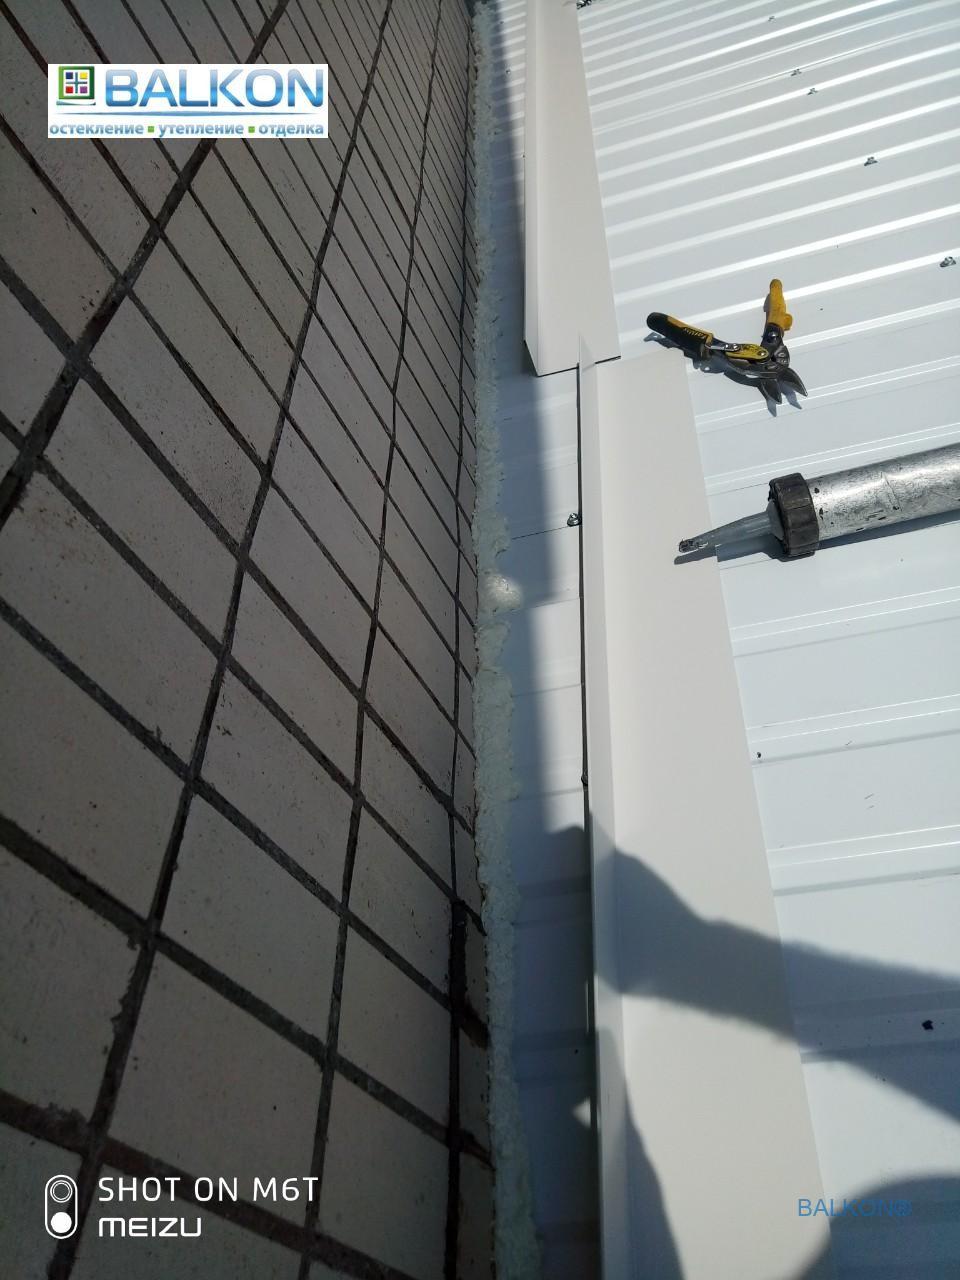 Герметизация крыши на балконе нащельниками и герметиком - бригадой 13